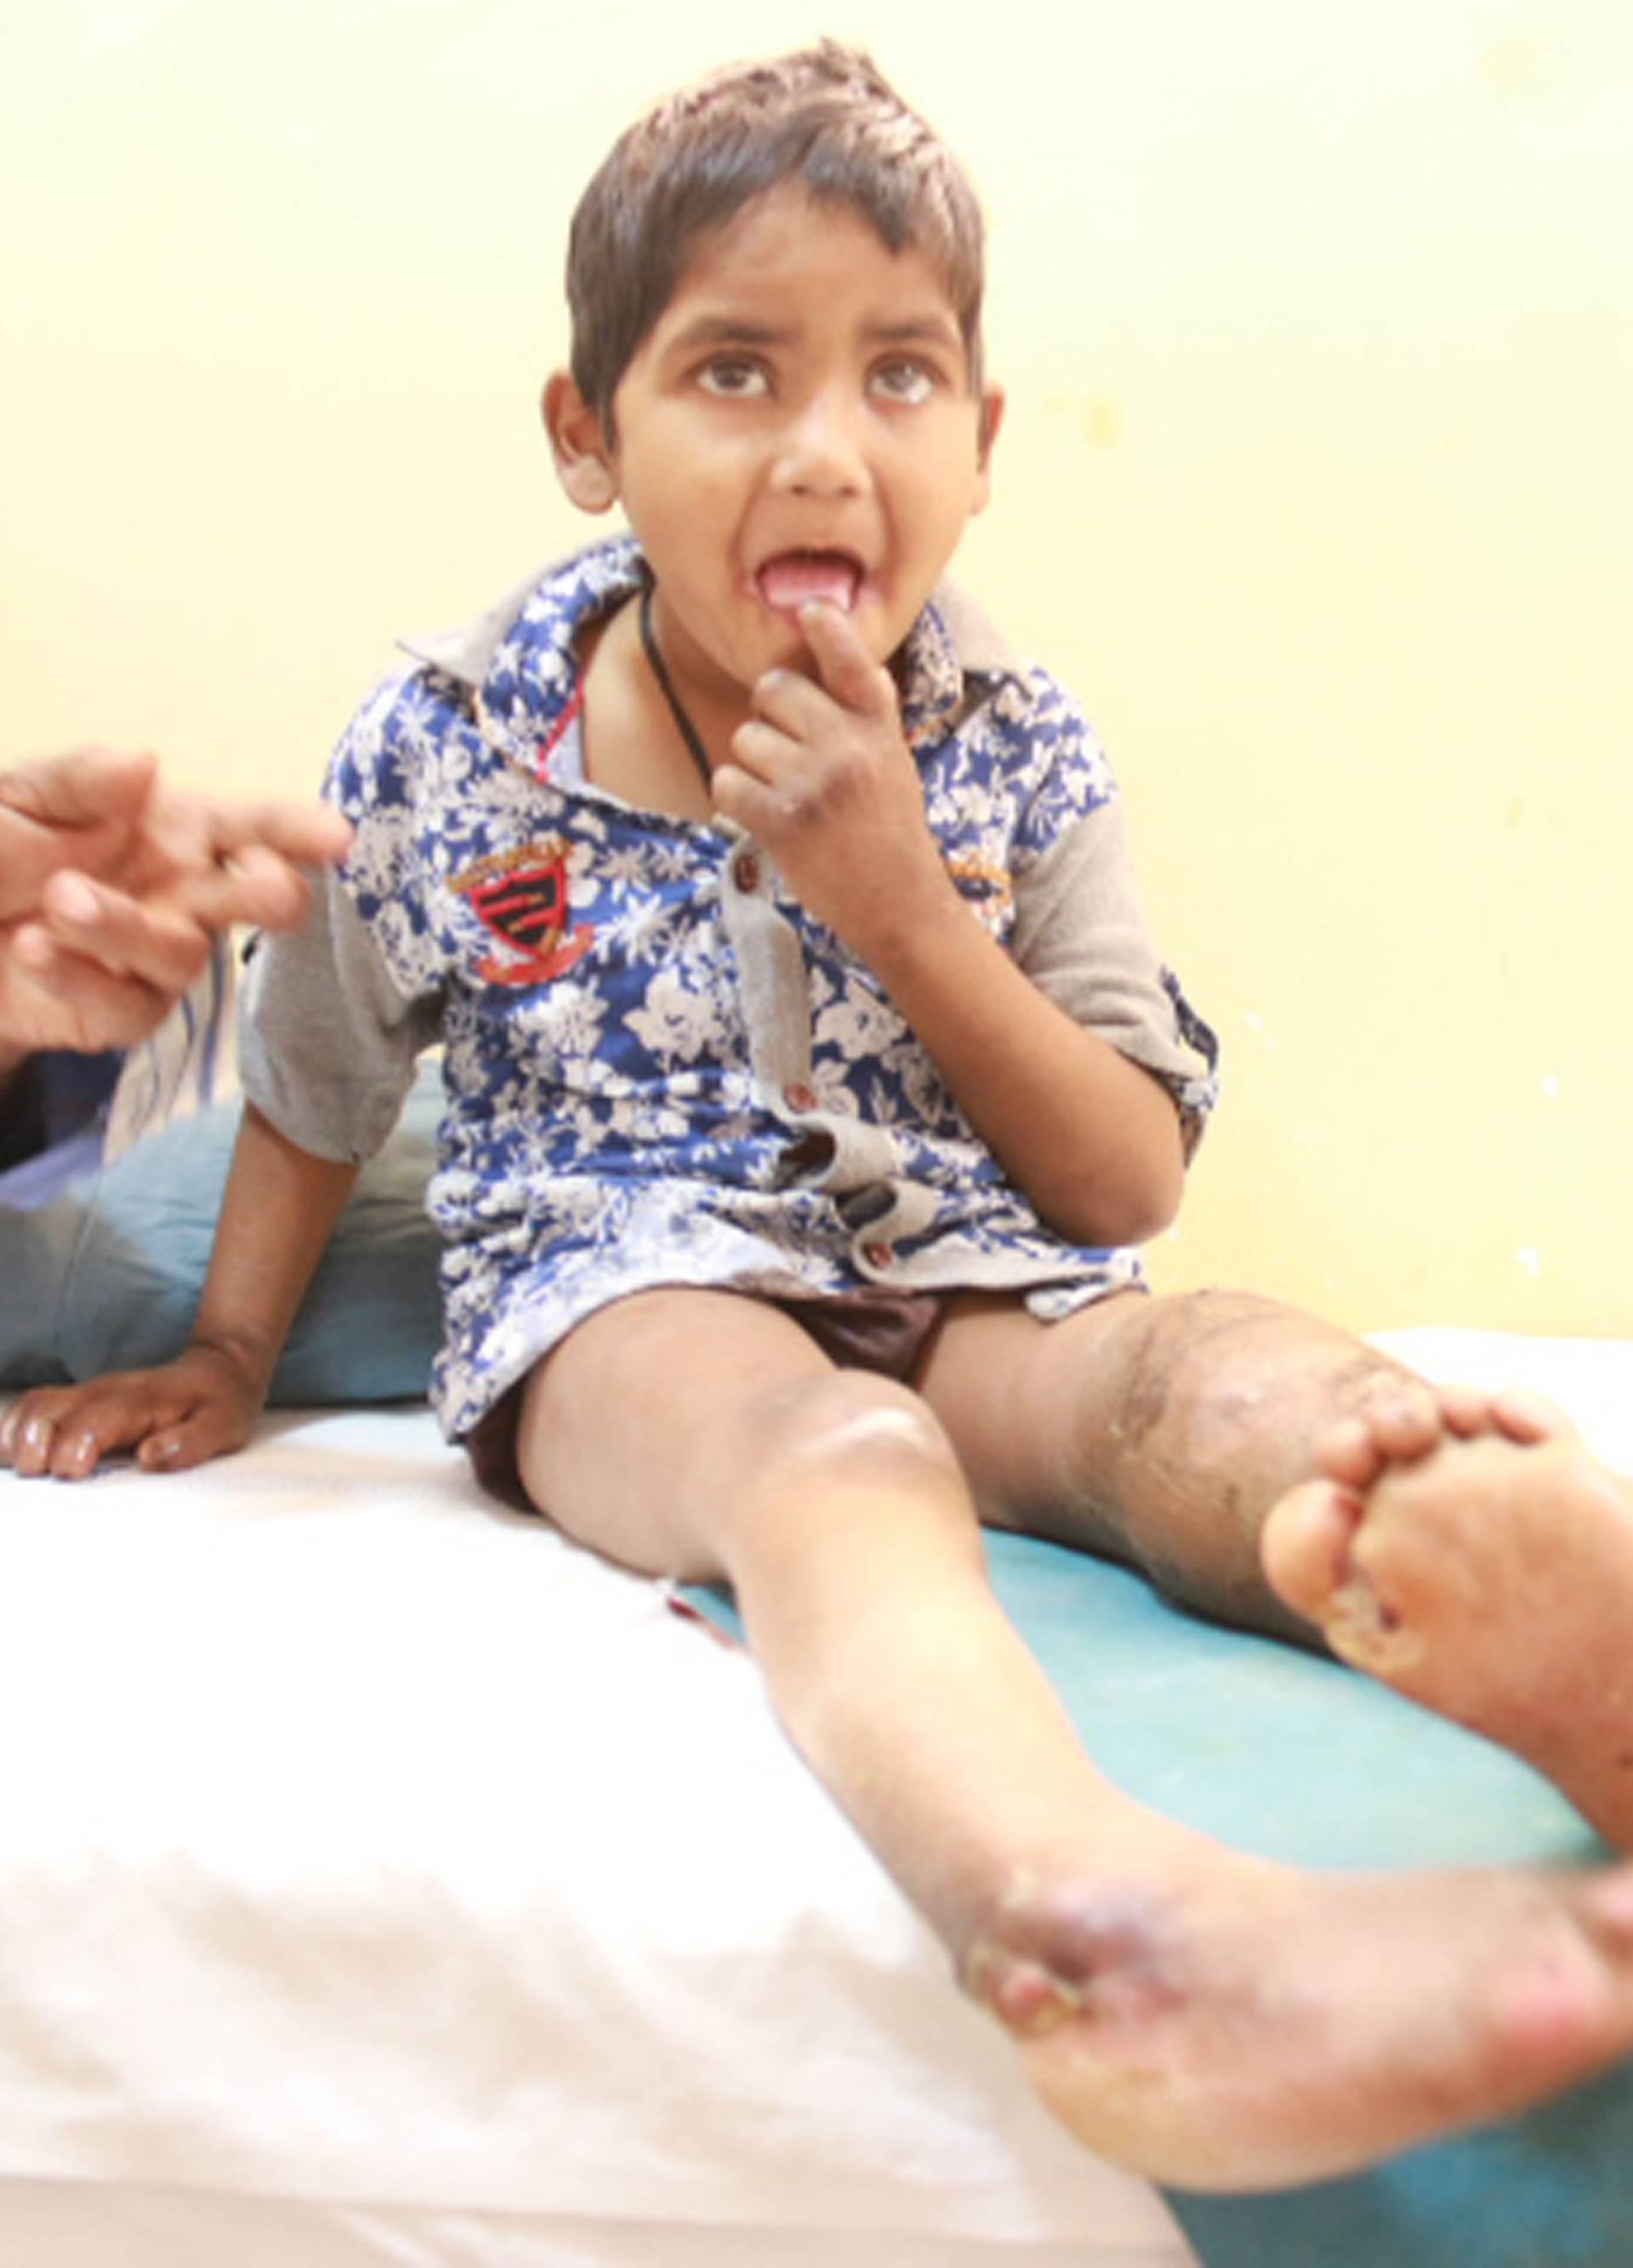 Ne osjećaju bol: Brat i sestra si zbog rijetke bolesti pojeli prste